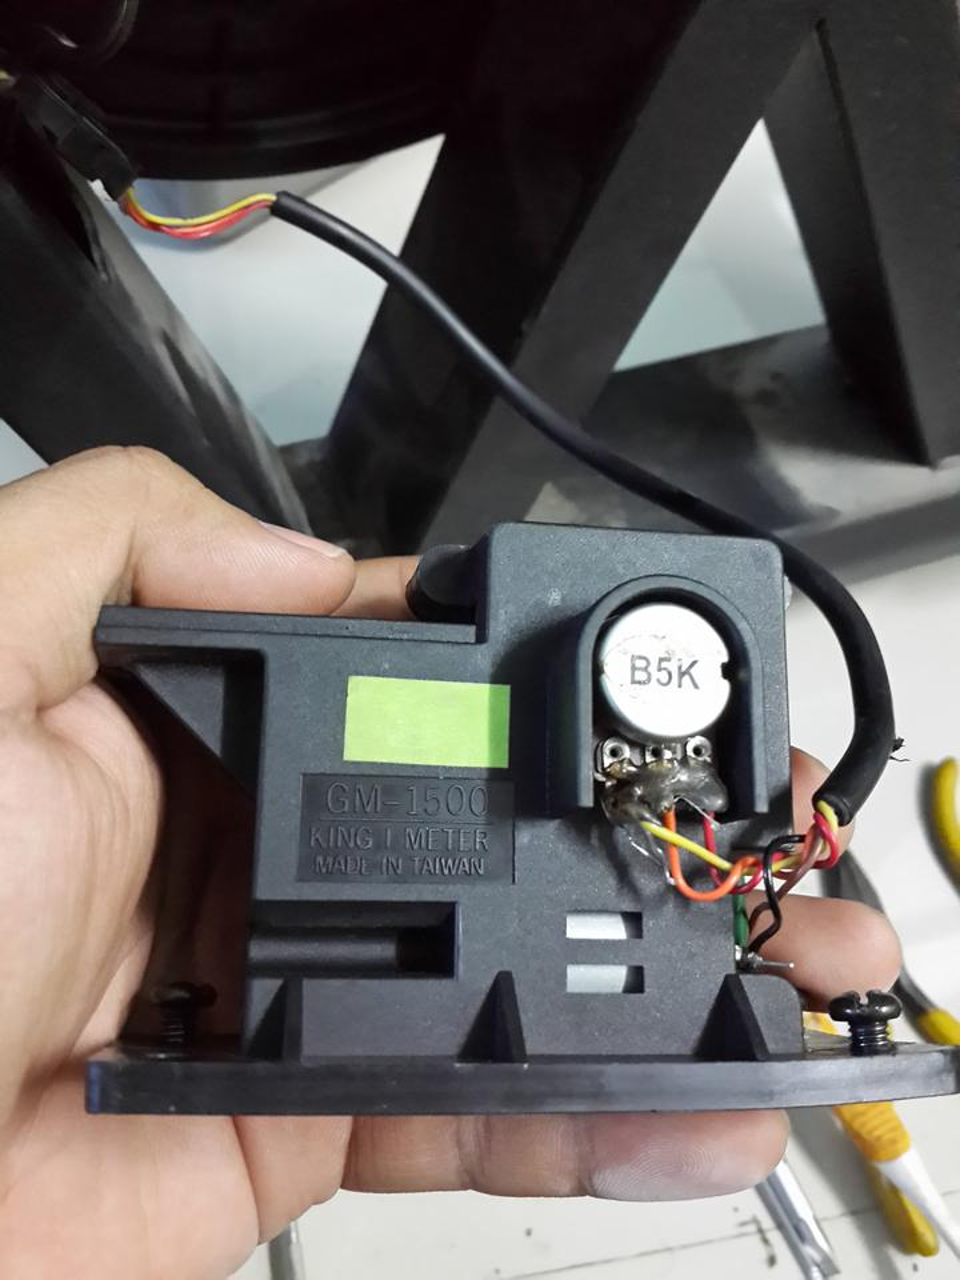 รับซ่อมลู่วิ่งไฟฟ้า และเครื่องออกกำลังกายทุกชนิด รูปที่ 6